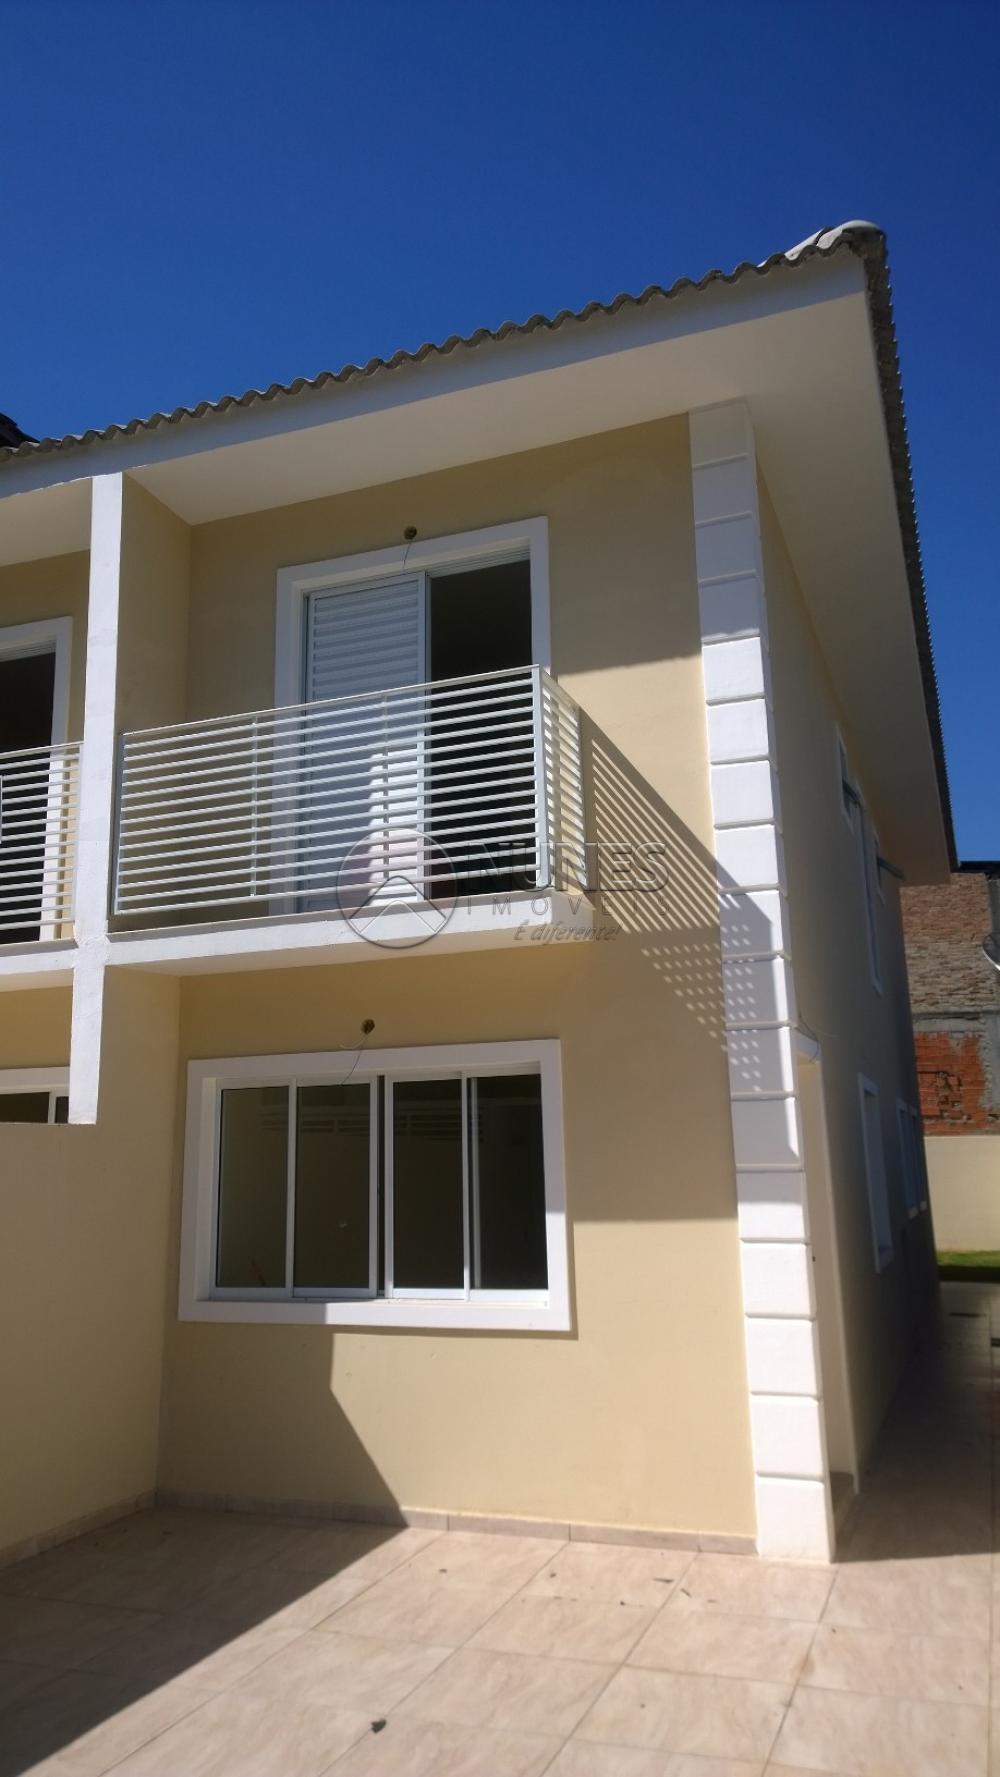 Comprar Casa / Sobrado em Osasco apenas R$ 425.000,00 - Foto 4